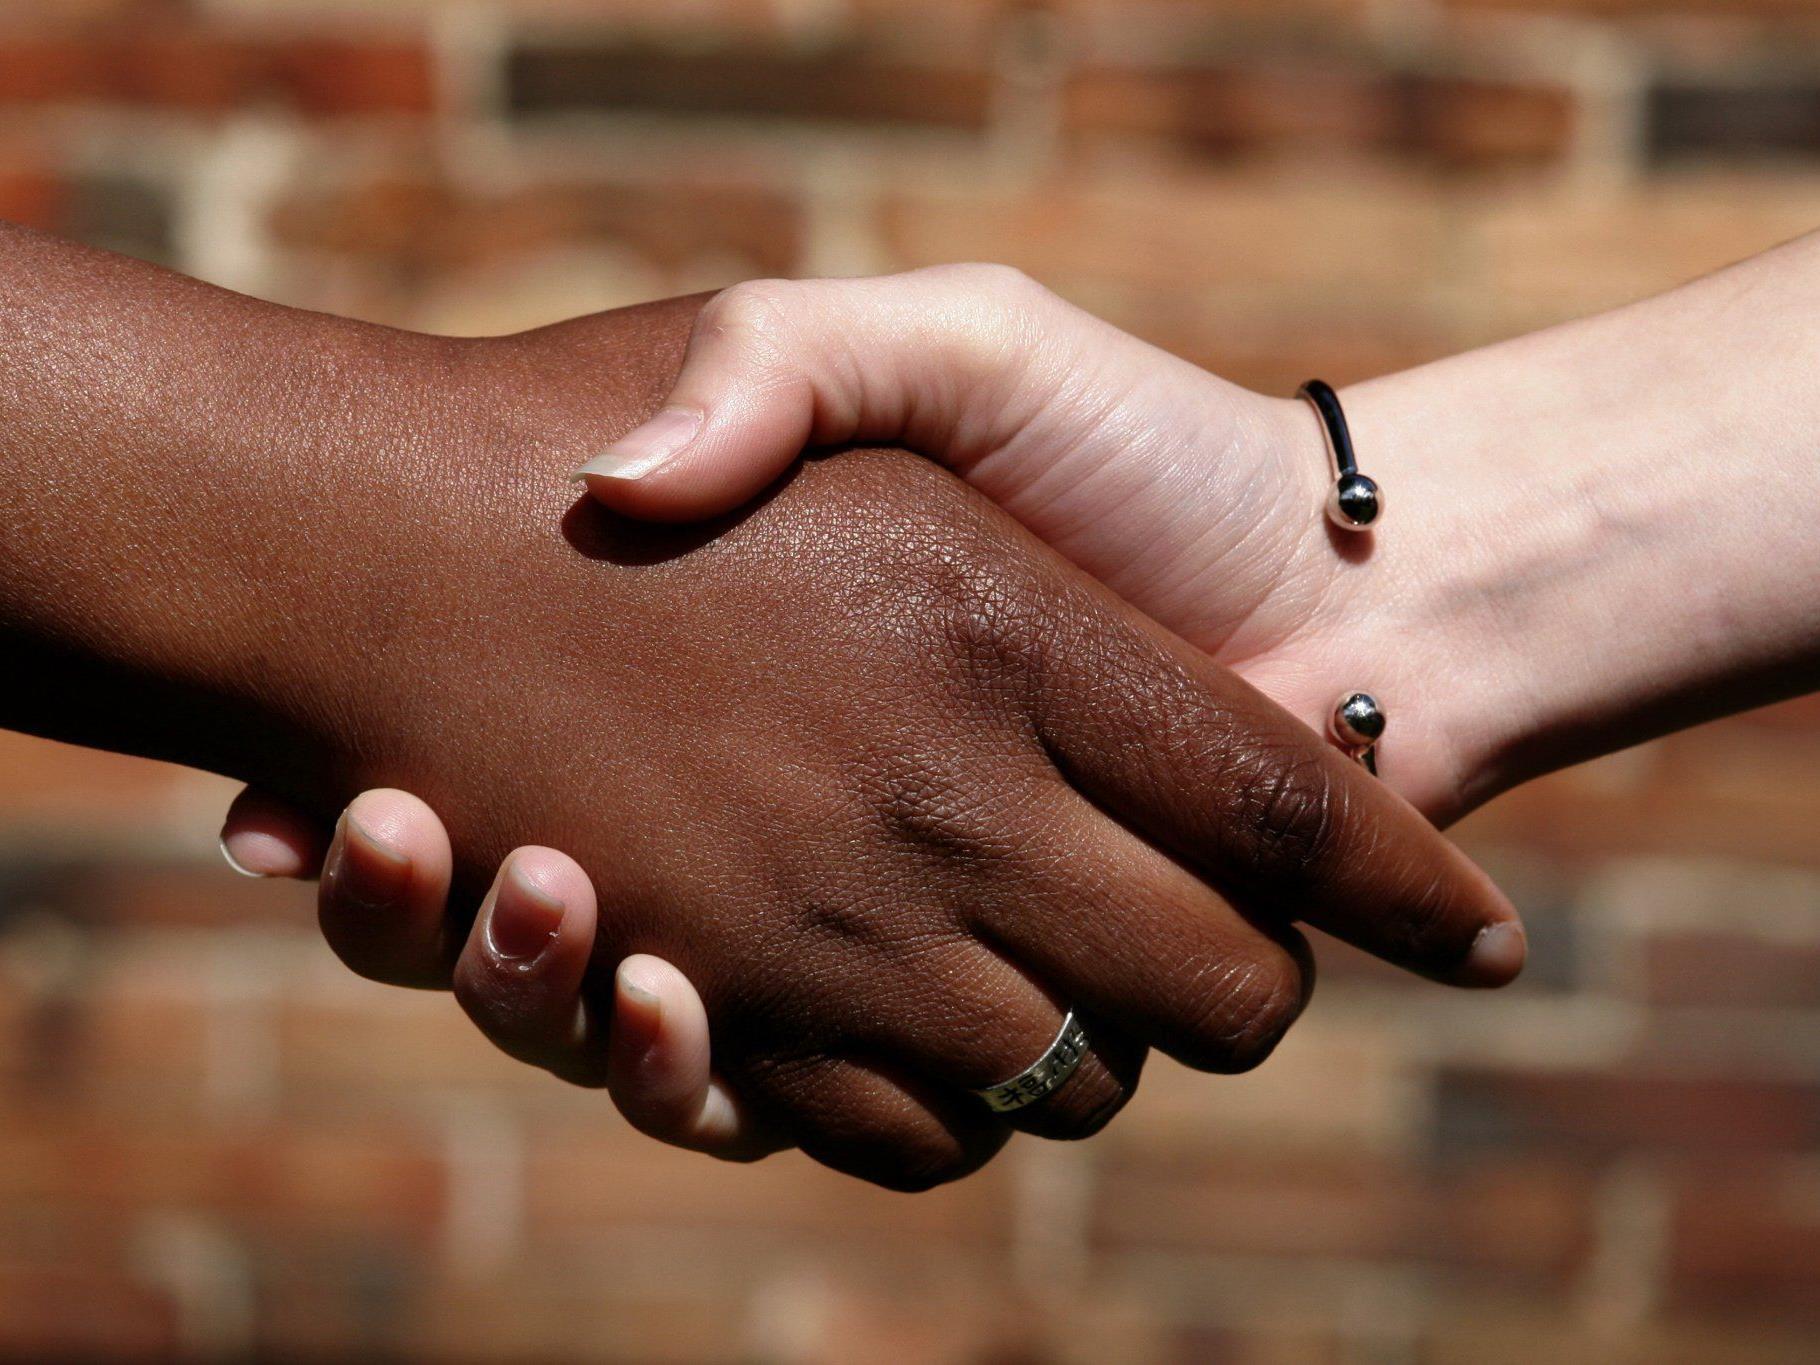 Einen Leitfaden für besseres Zusammenleben veröffentlicht Rudolfsheim-Fünfhaus